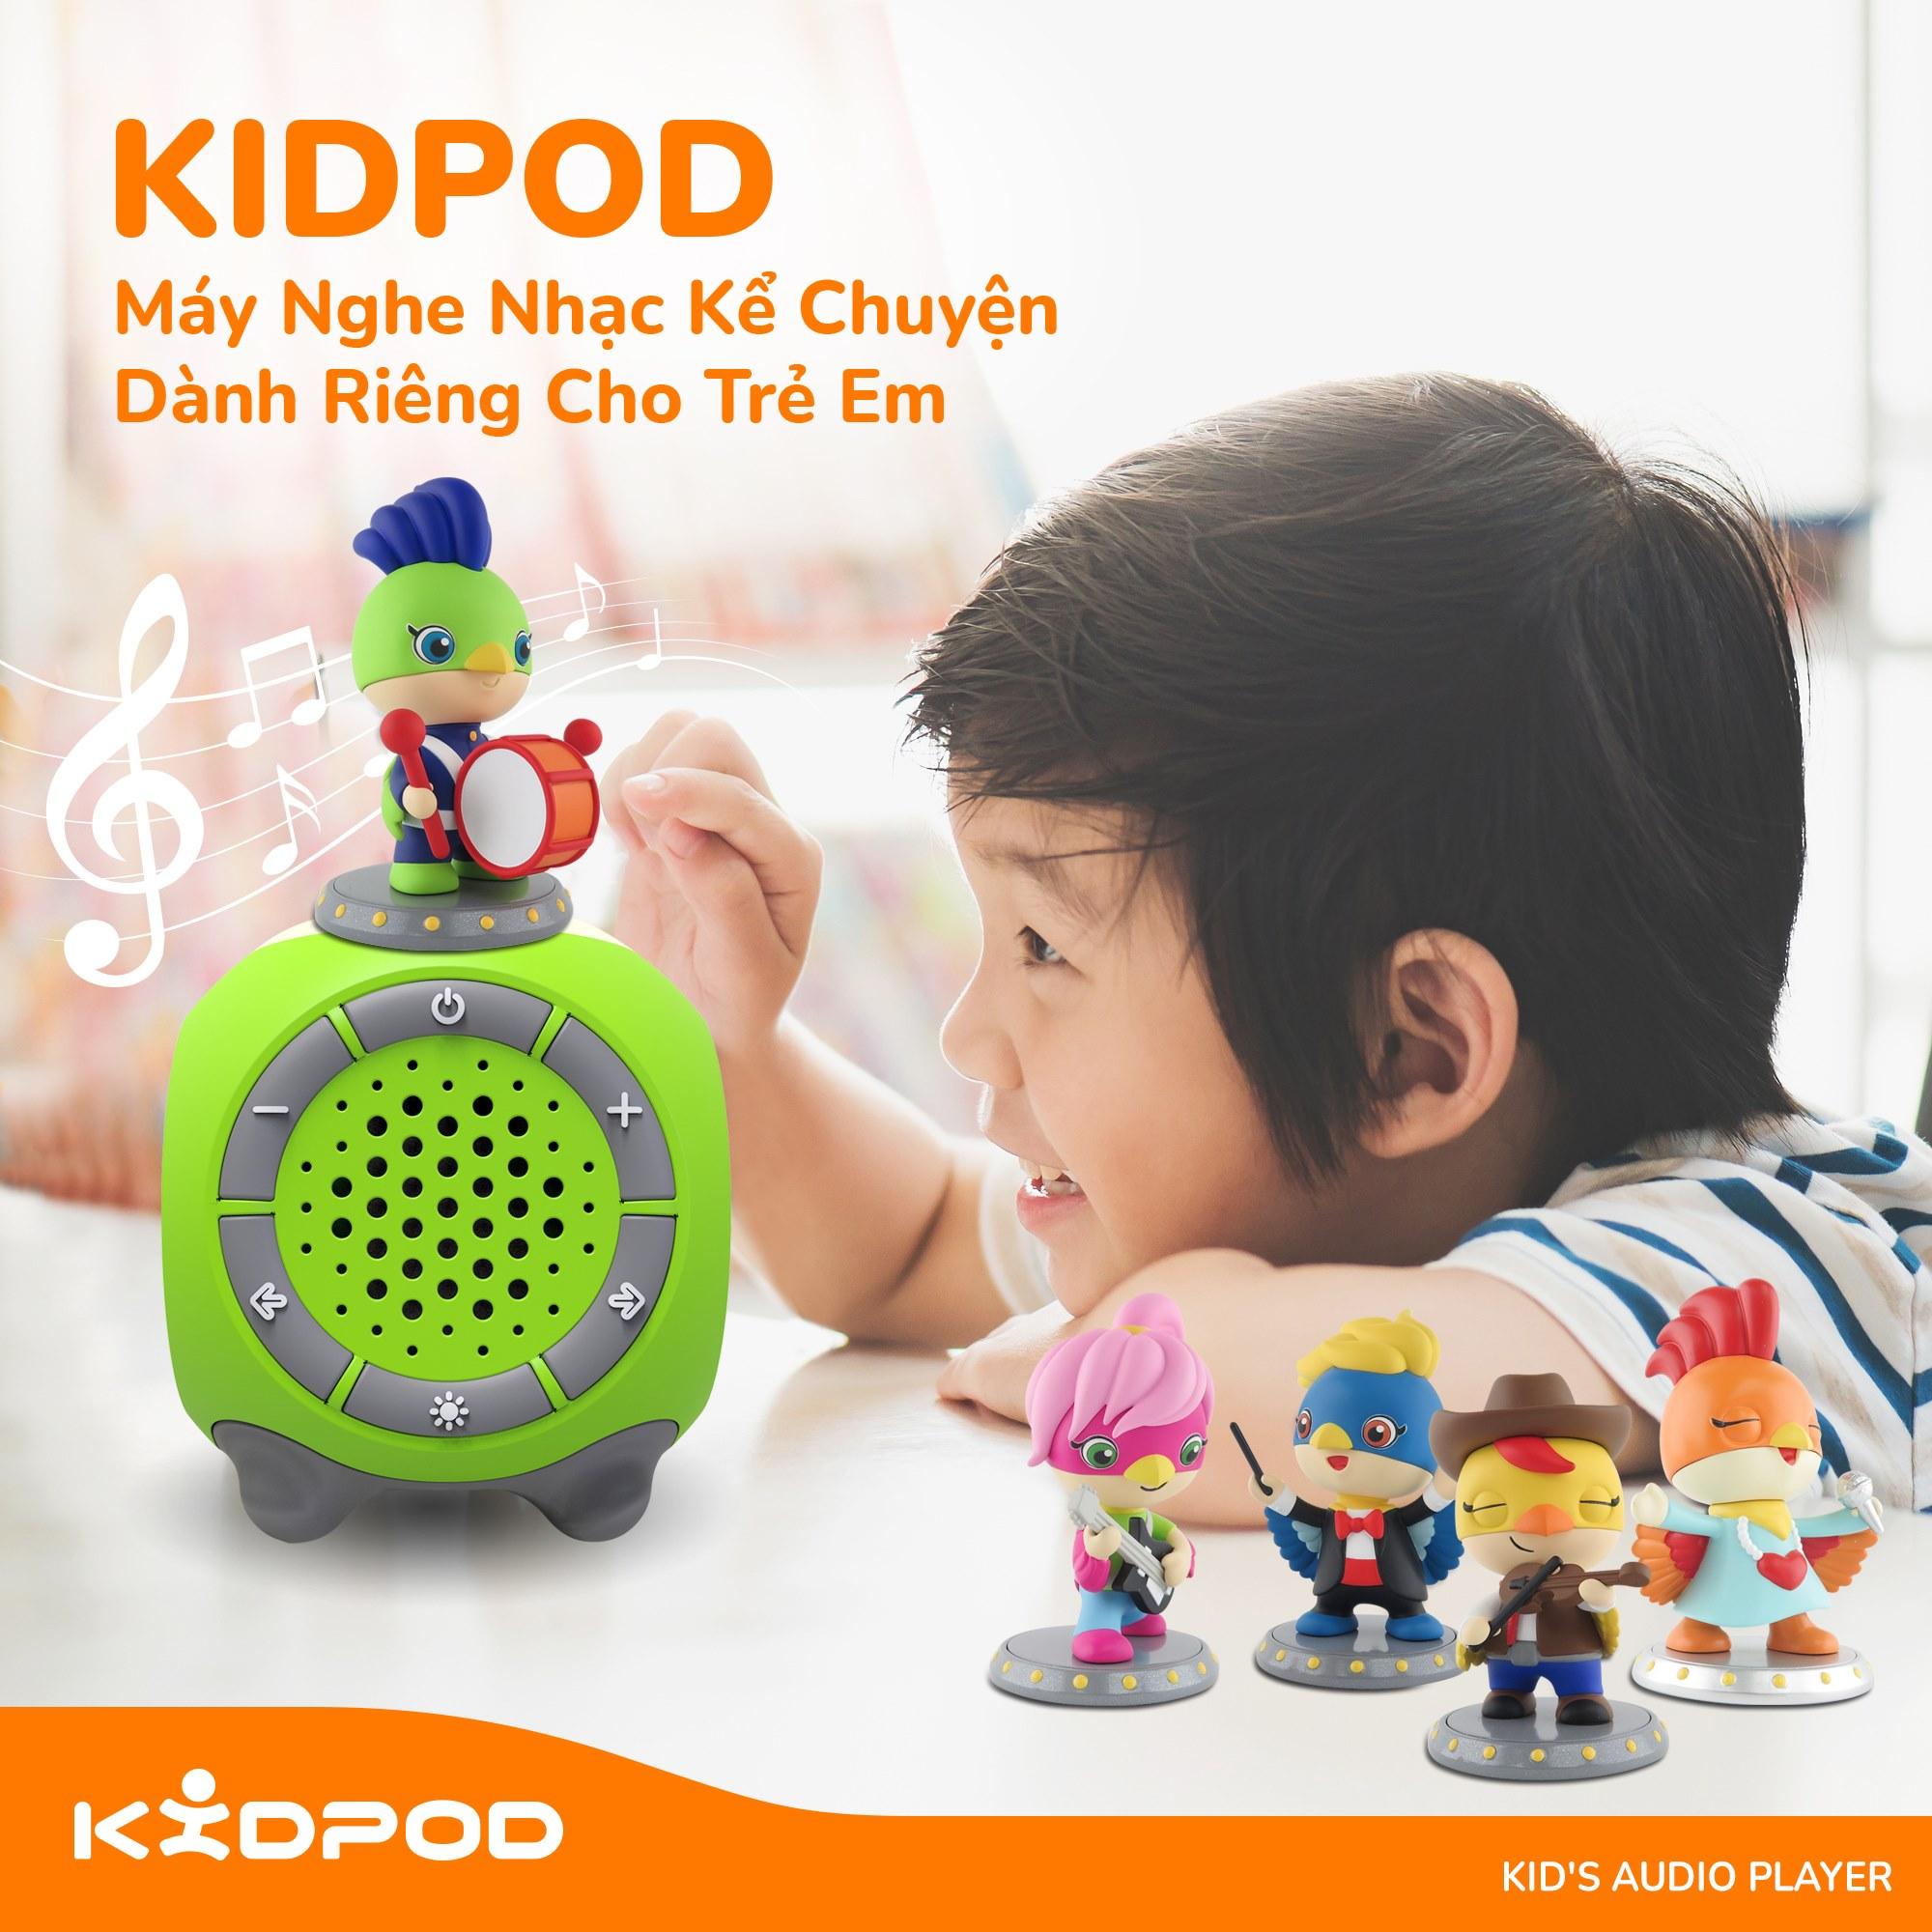 KidPod máy nghe nhạc kể chuyện dành riêng cho trẻ em